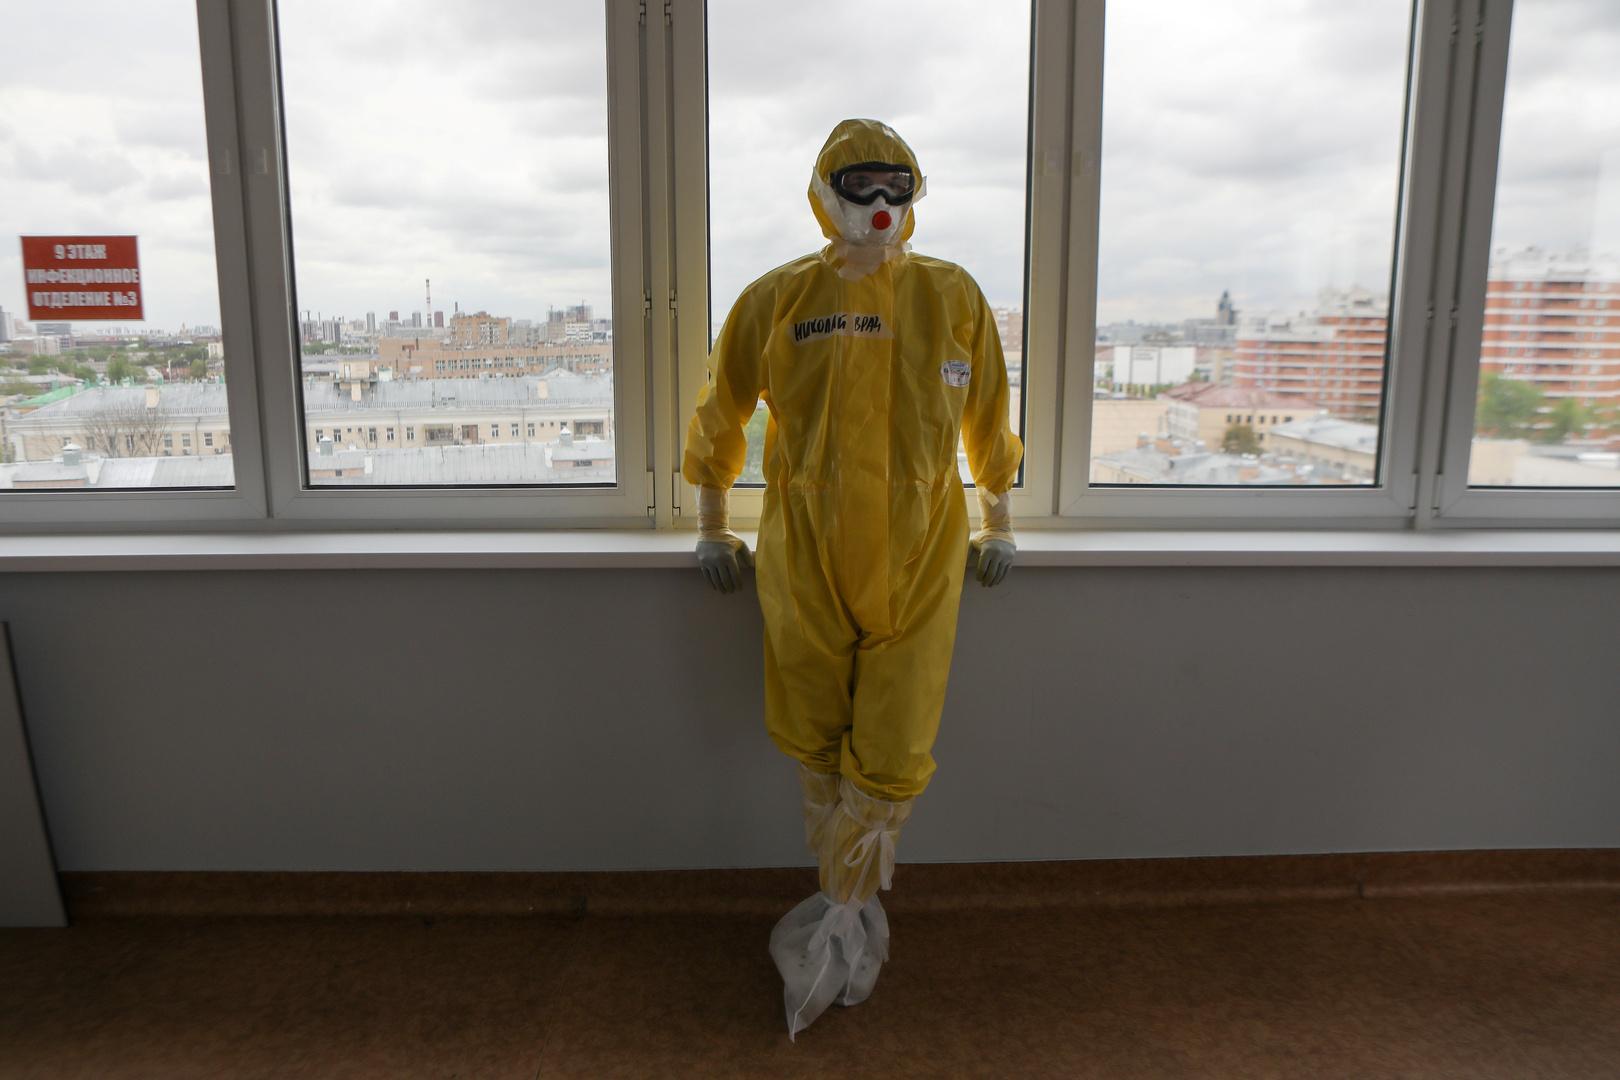 روسيا تسجل 93 وفاة و6719 إصابة بكورونا خلال 24 ساعة